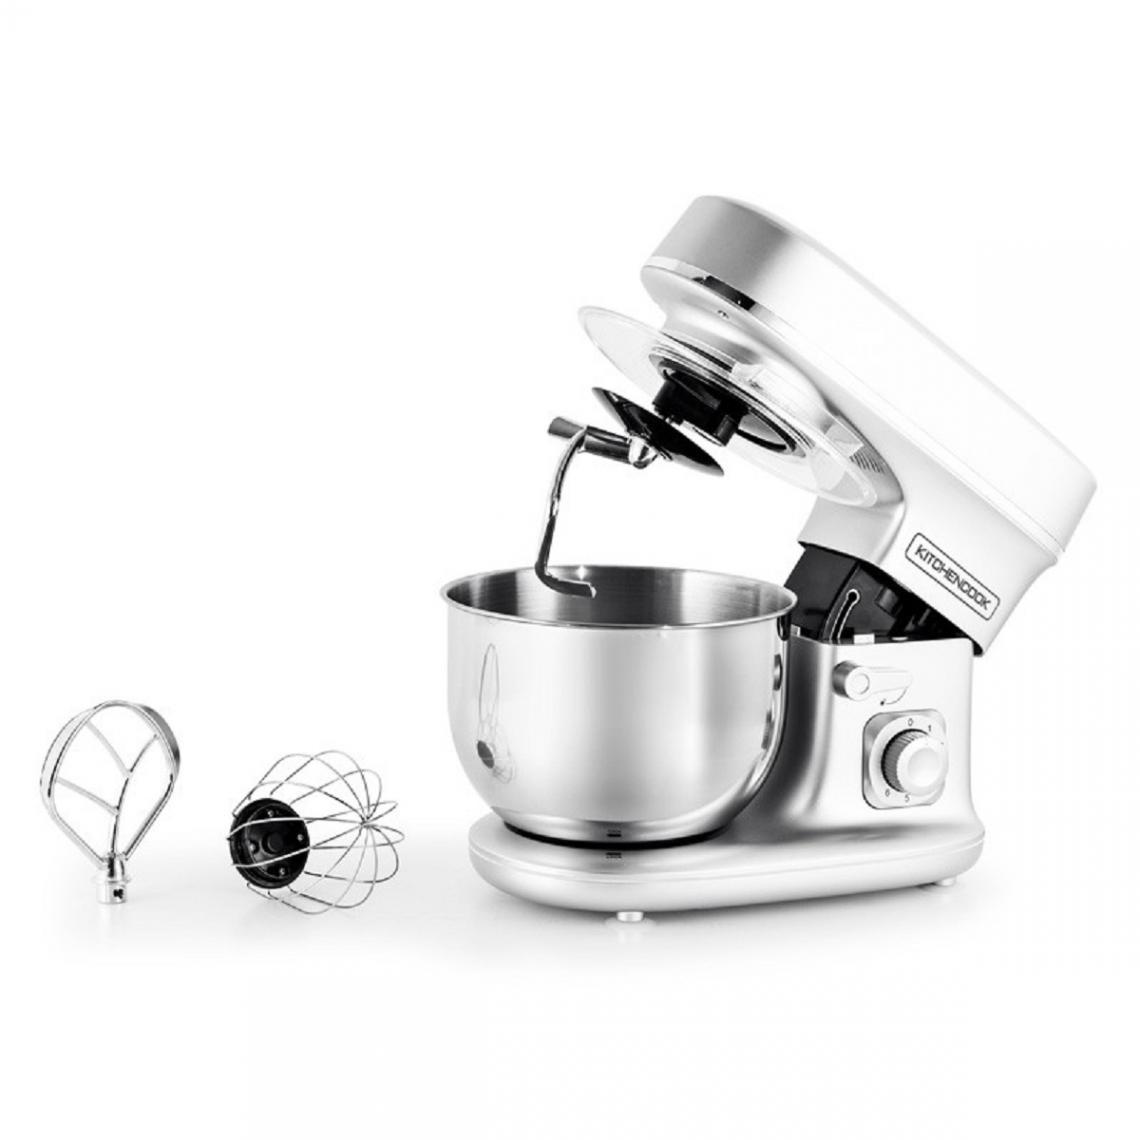 Kitchencook Robot pétrin 5L mouvement planétaire Revolve - Argent